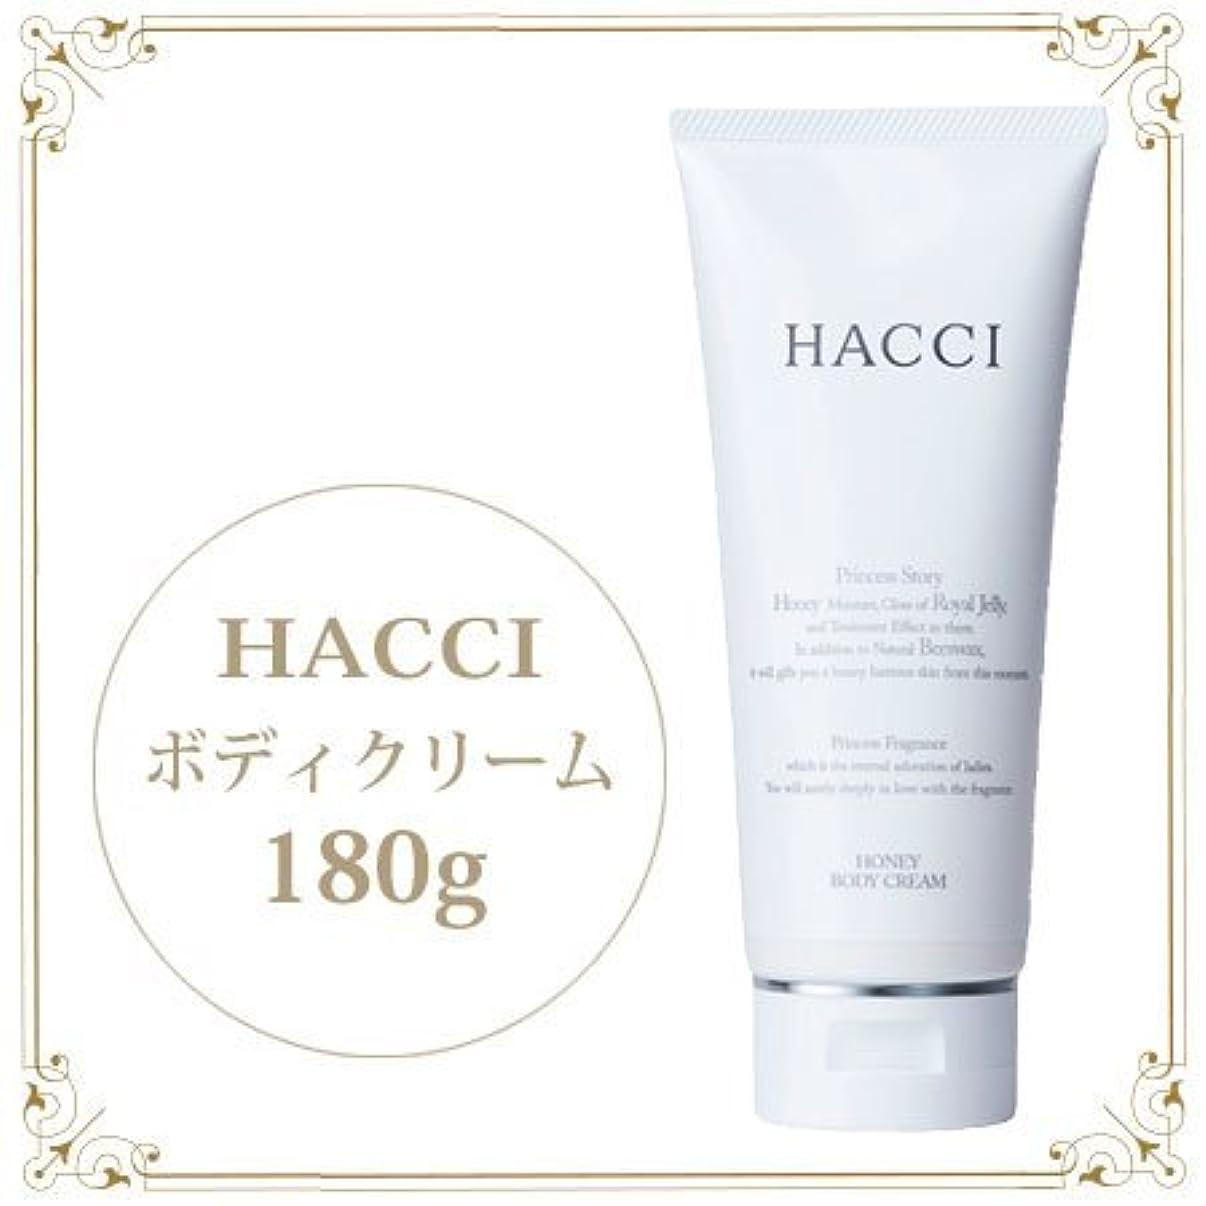 序文発明するカウントハッチ ボディクリーム 180g -HACCI 1912-